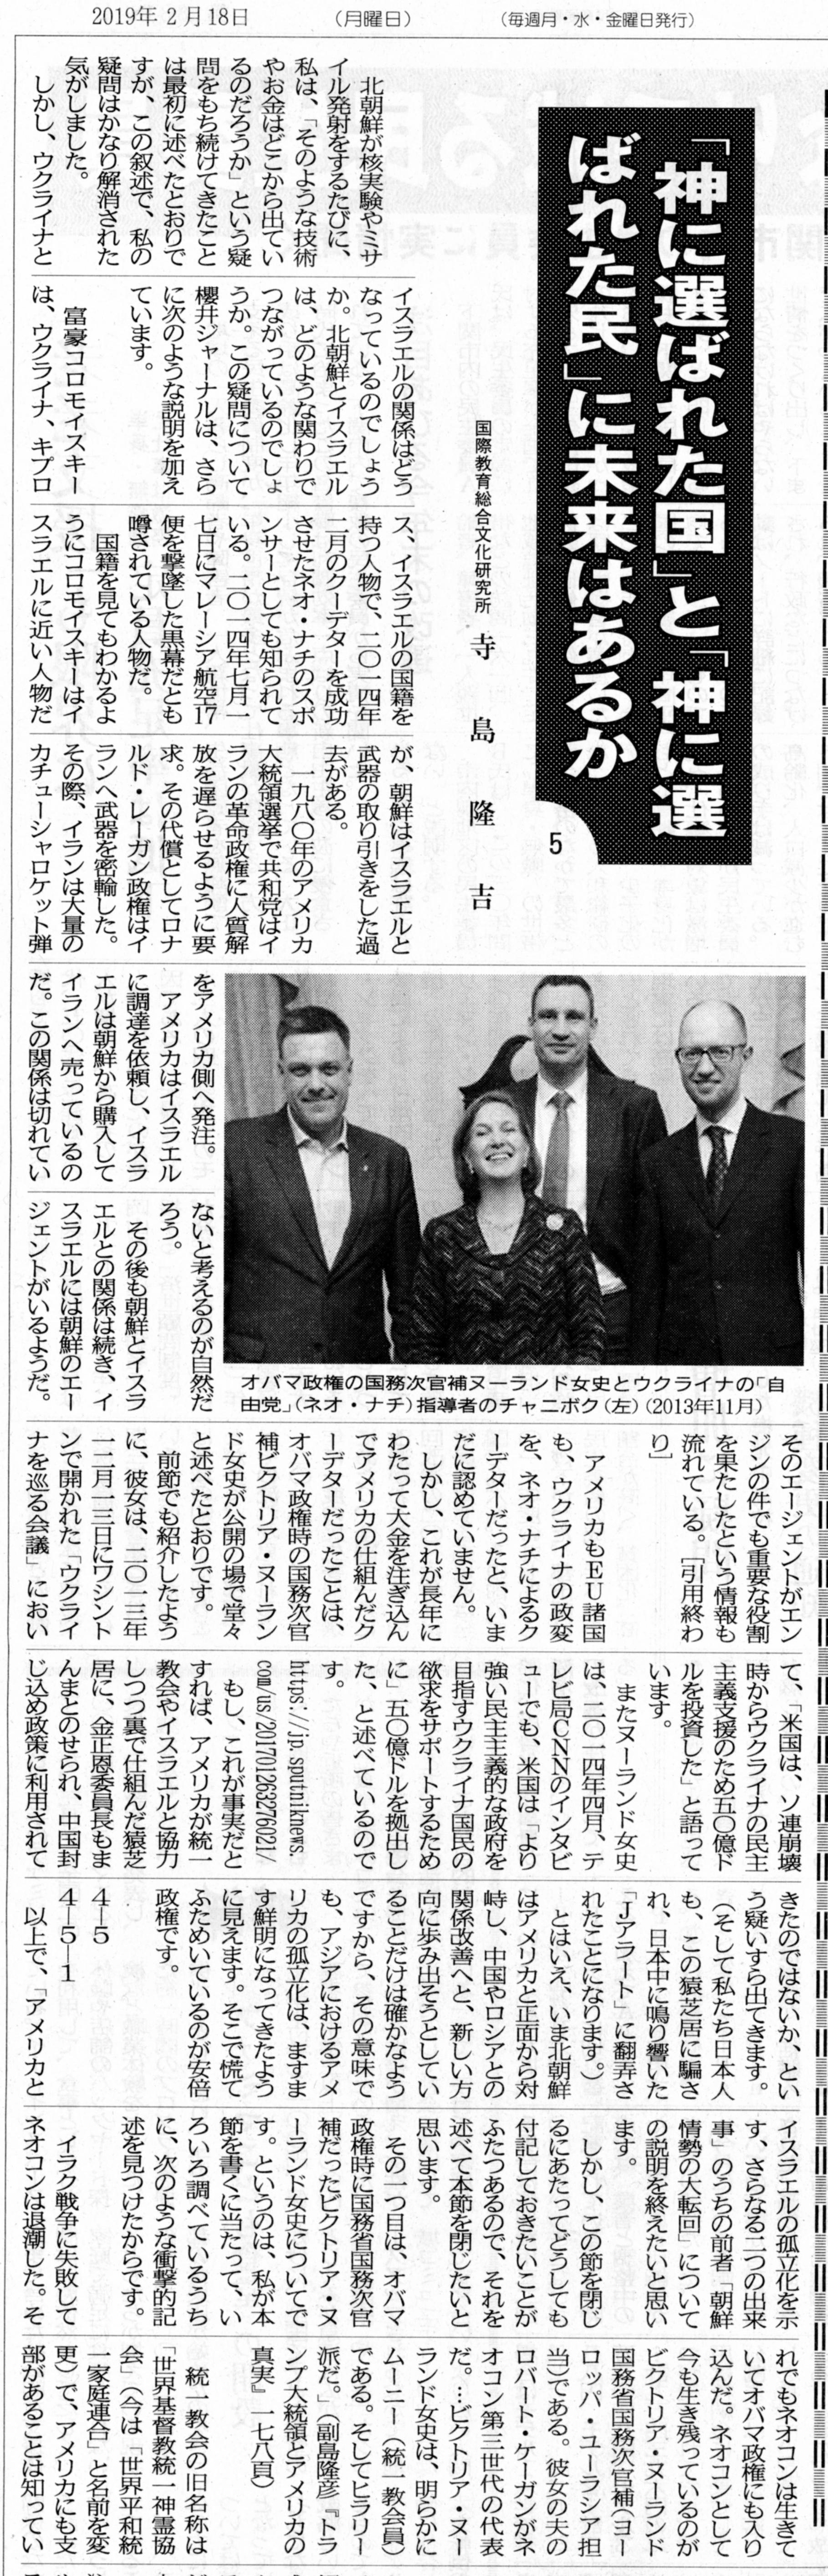 長州新聞20190210神に選ばれた国と神に選ばれた民に未来はあるか⑤219